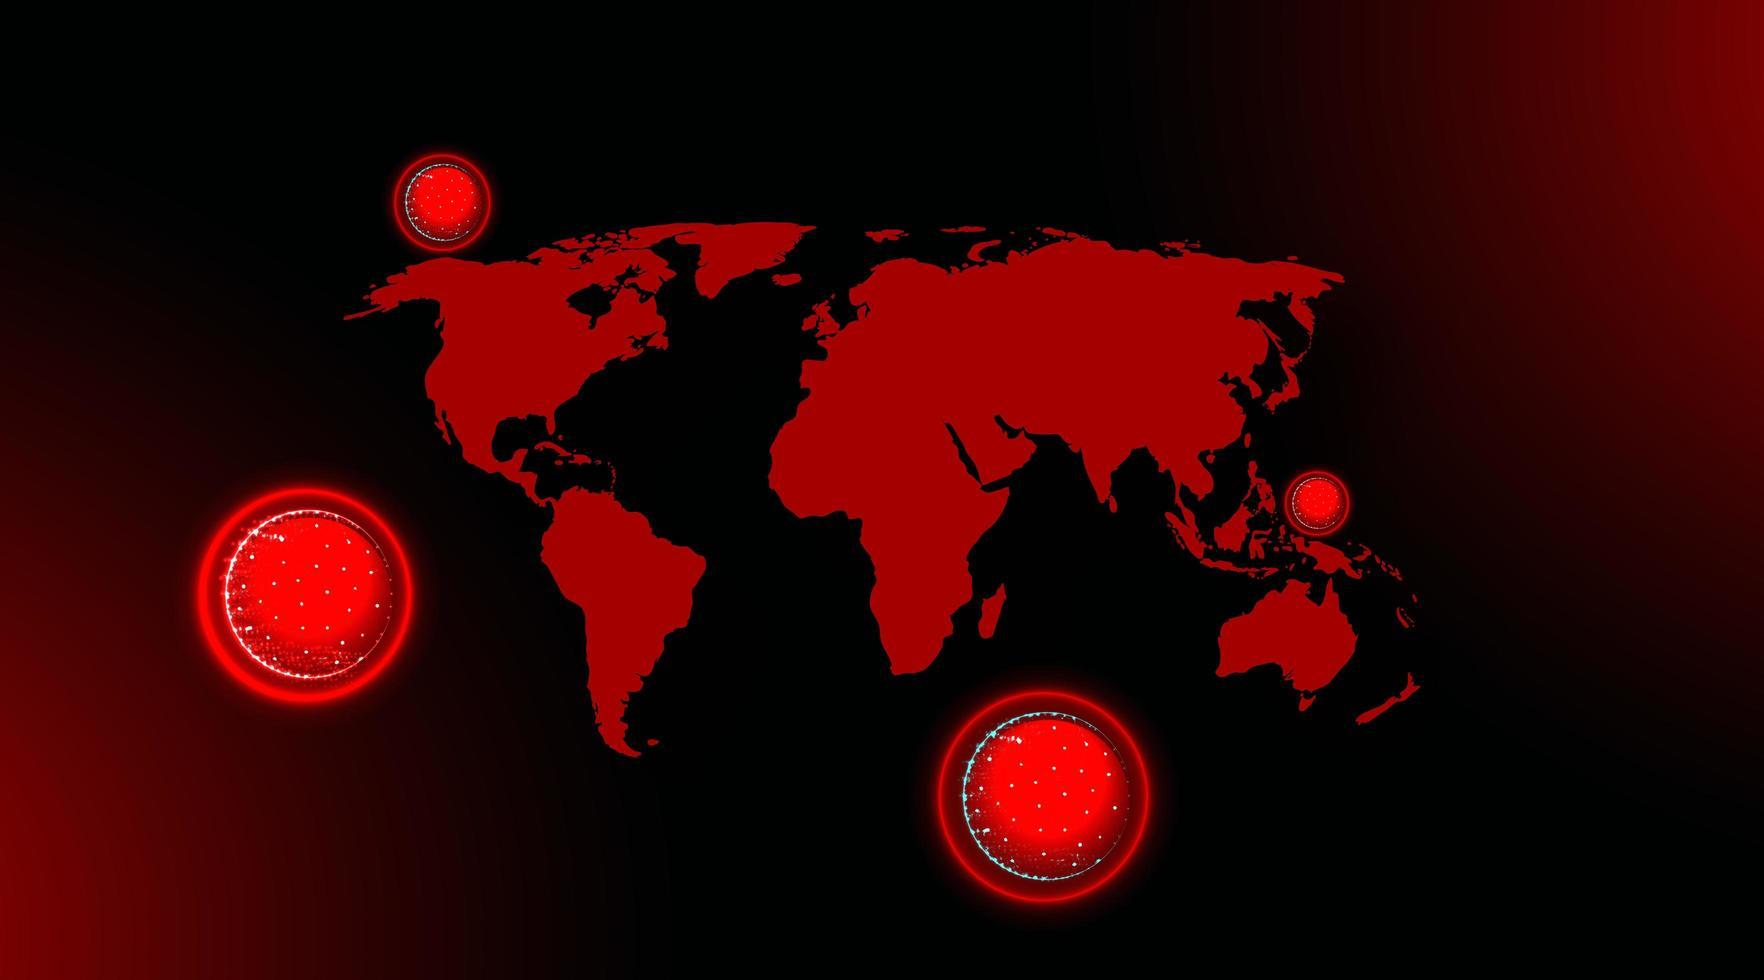 mapa de virus respiratorio rojo 2019-ncov vector